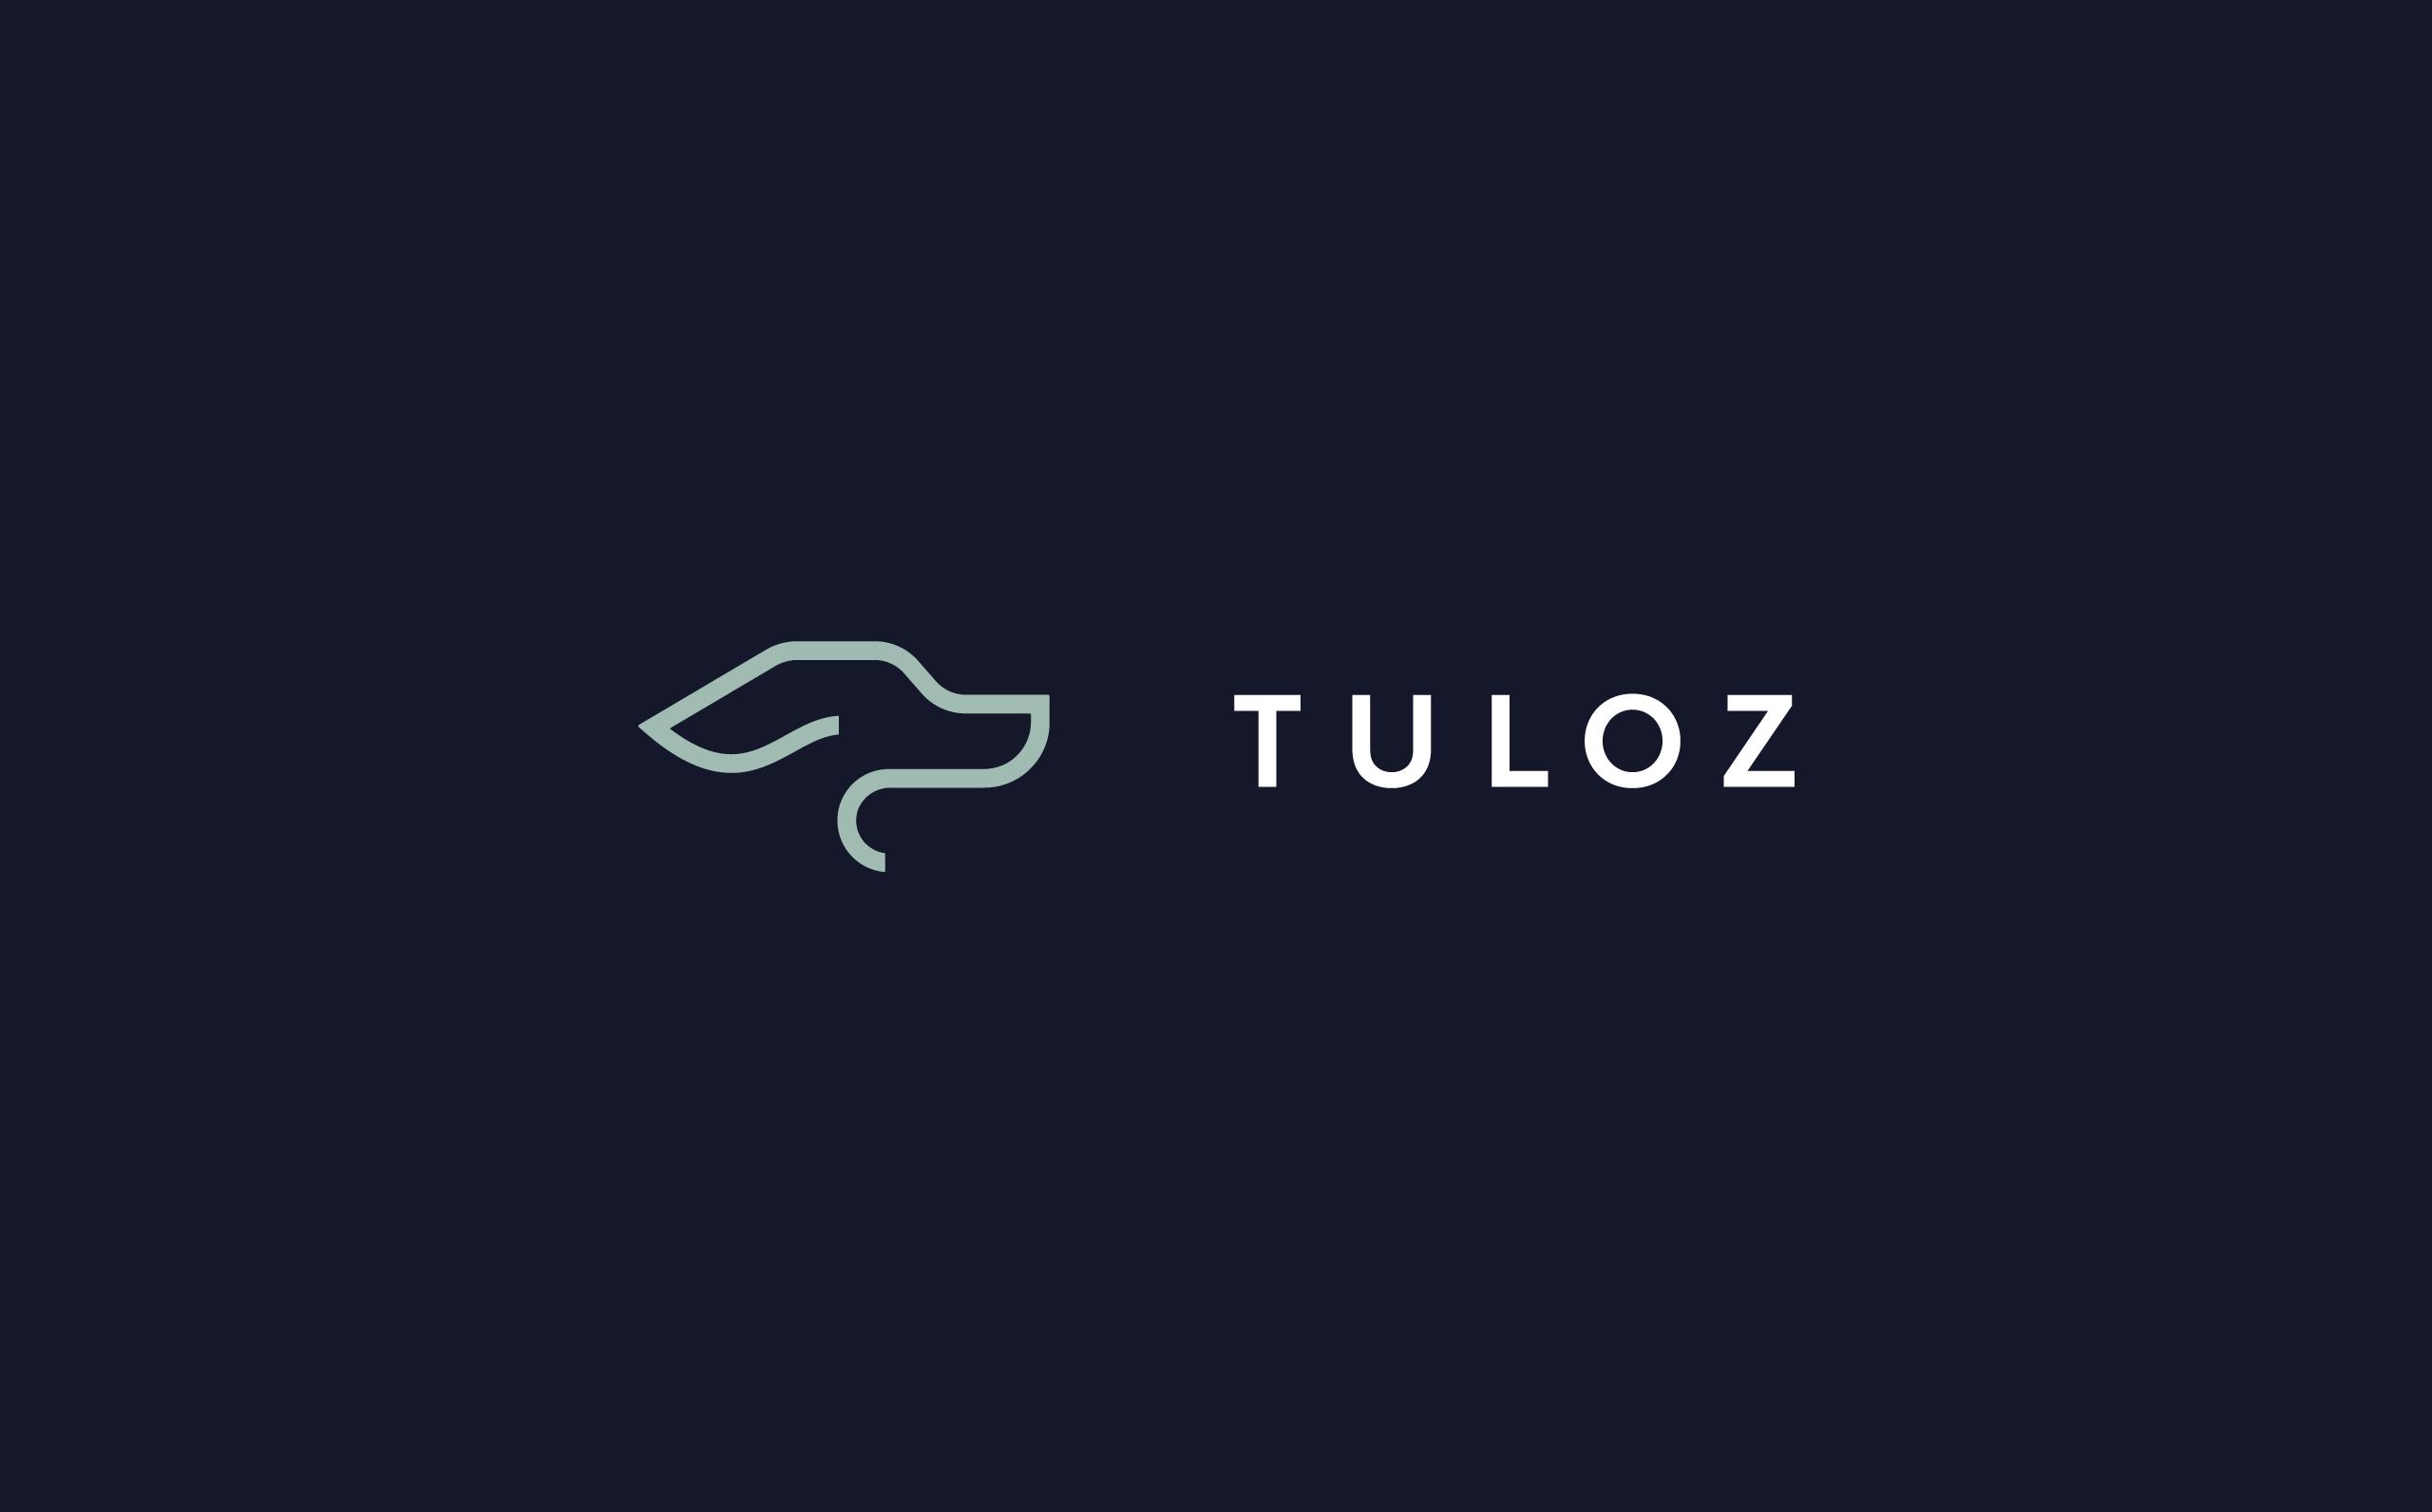 Tuloz_02